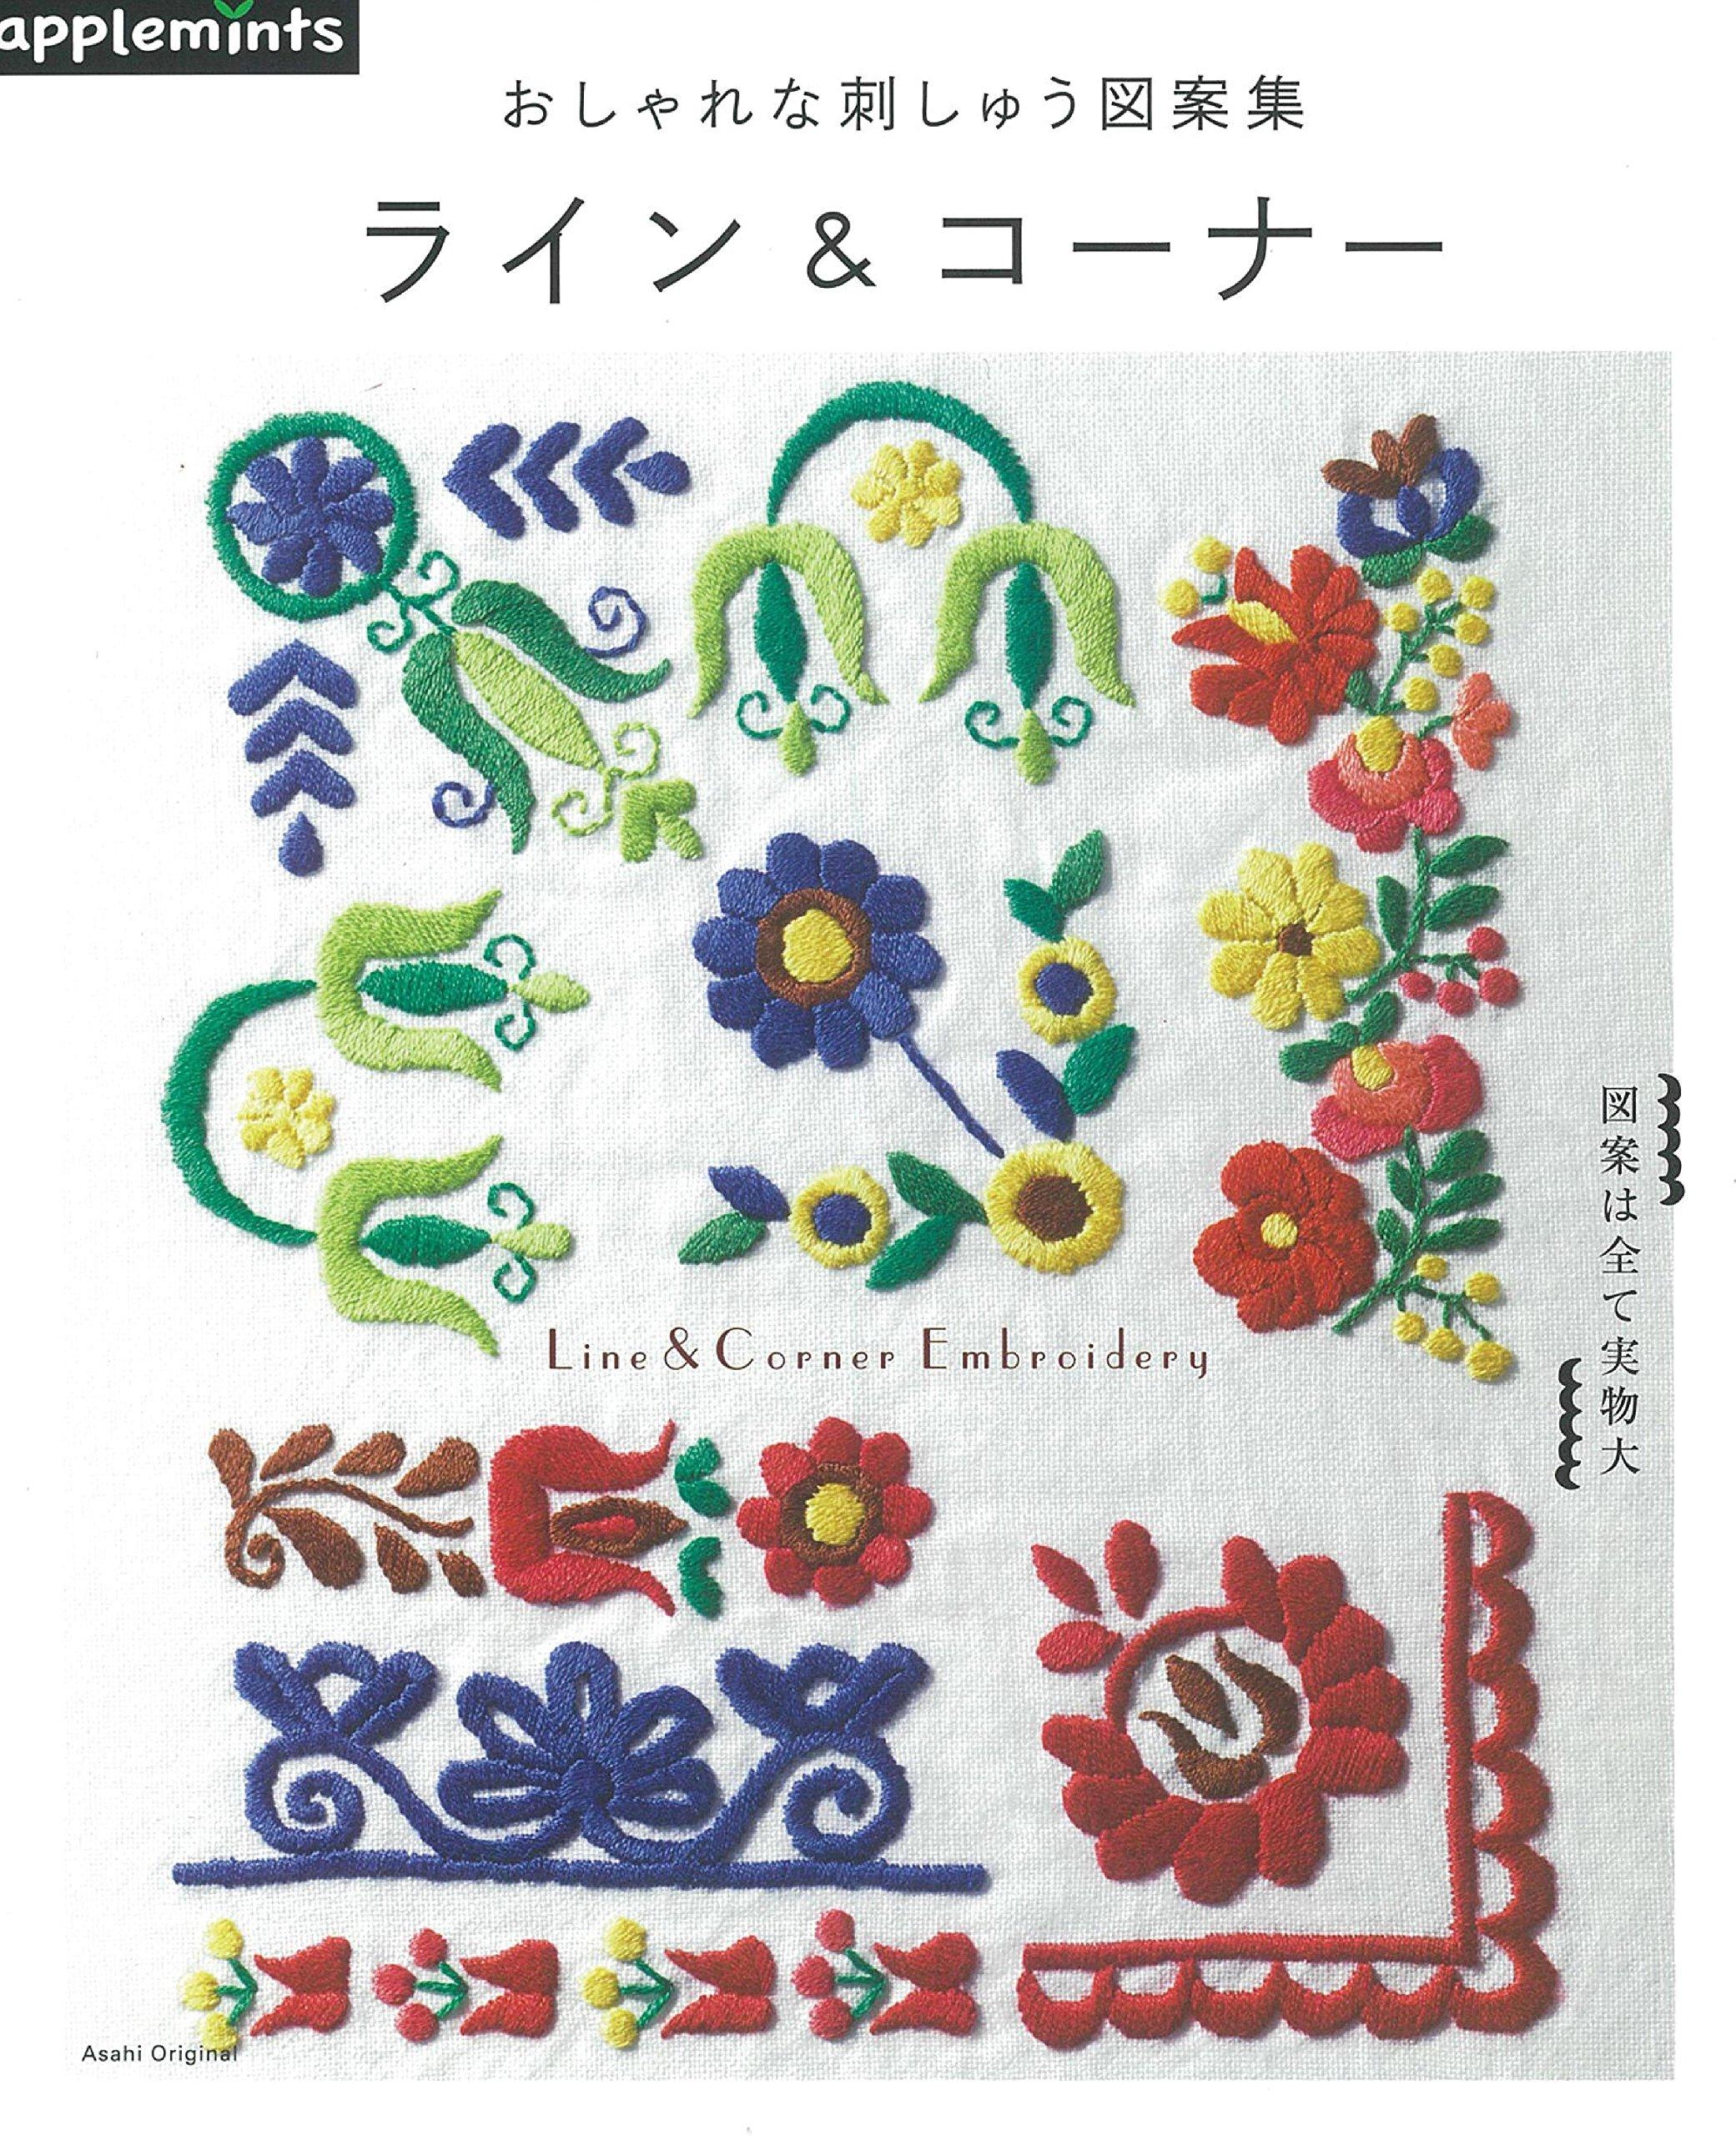 おしゃれな刺しゅう図案集 ライン コーナー アサヒオリジナル 本